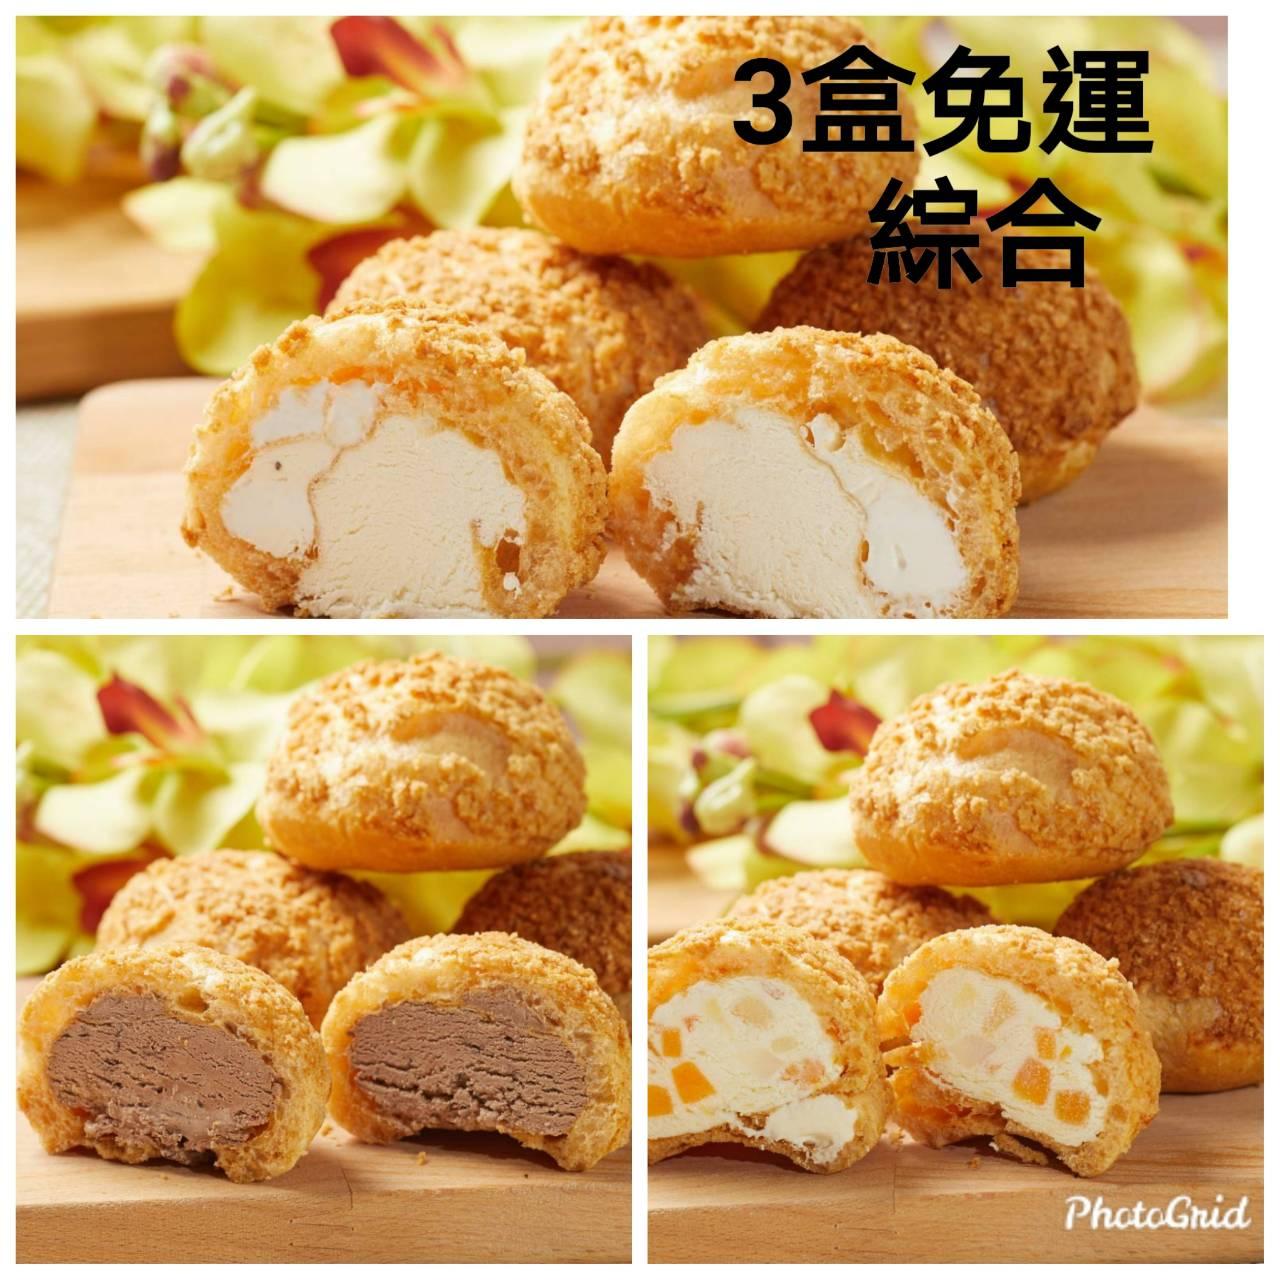 菠蘿冰心泡芙- 盒9入/3盒免運